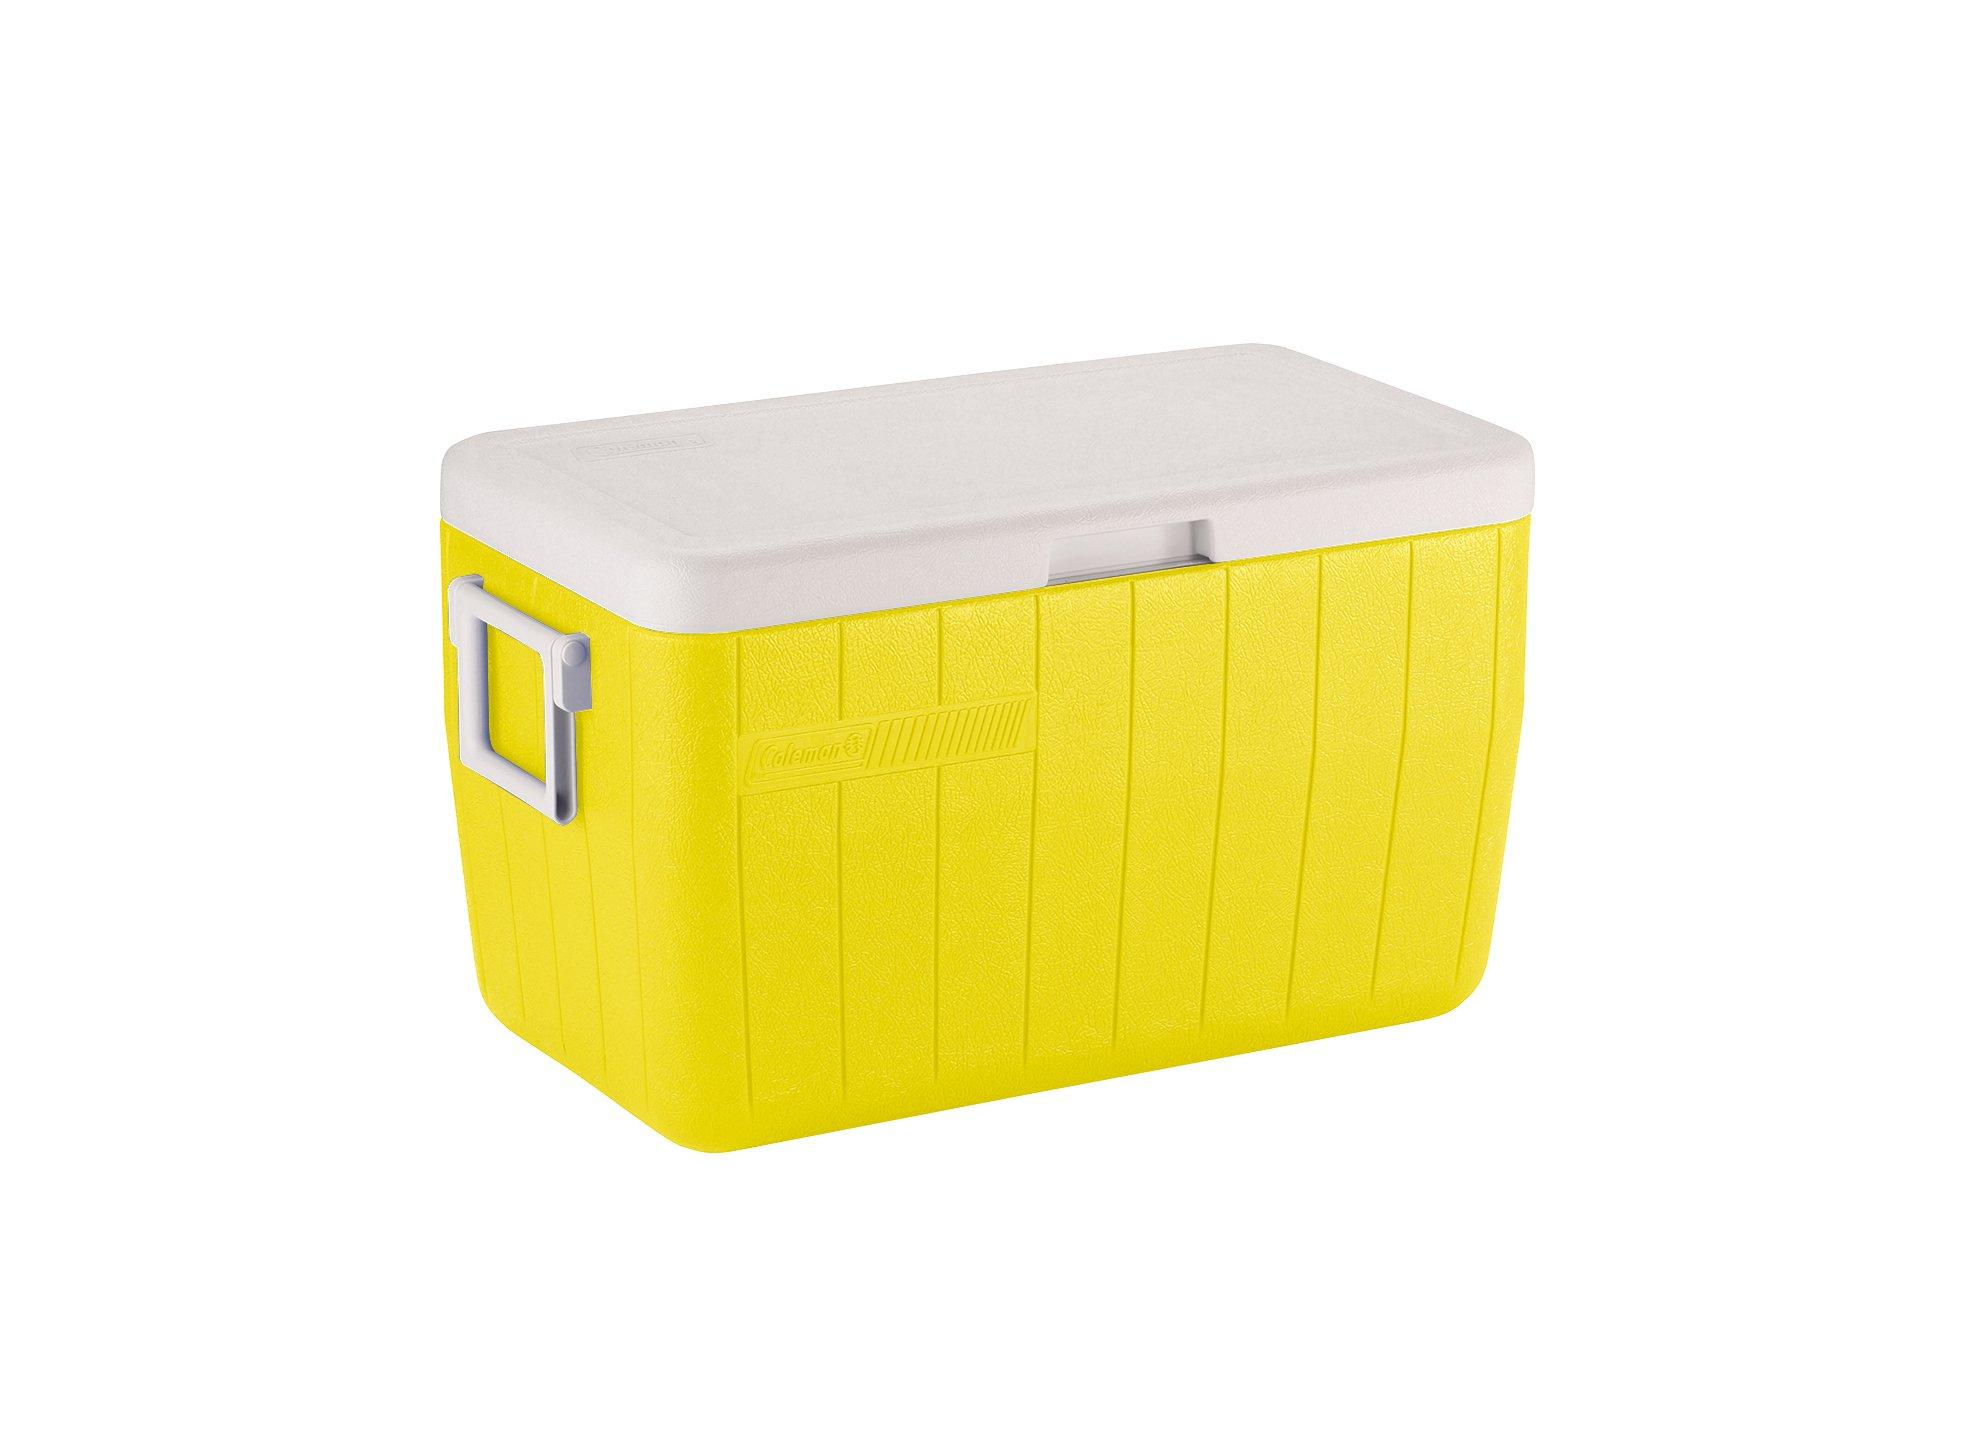 Caixa Térmica 48 Qt / 45l Amarelo Canarias - Coleman